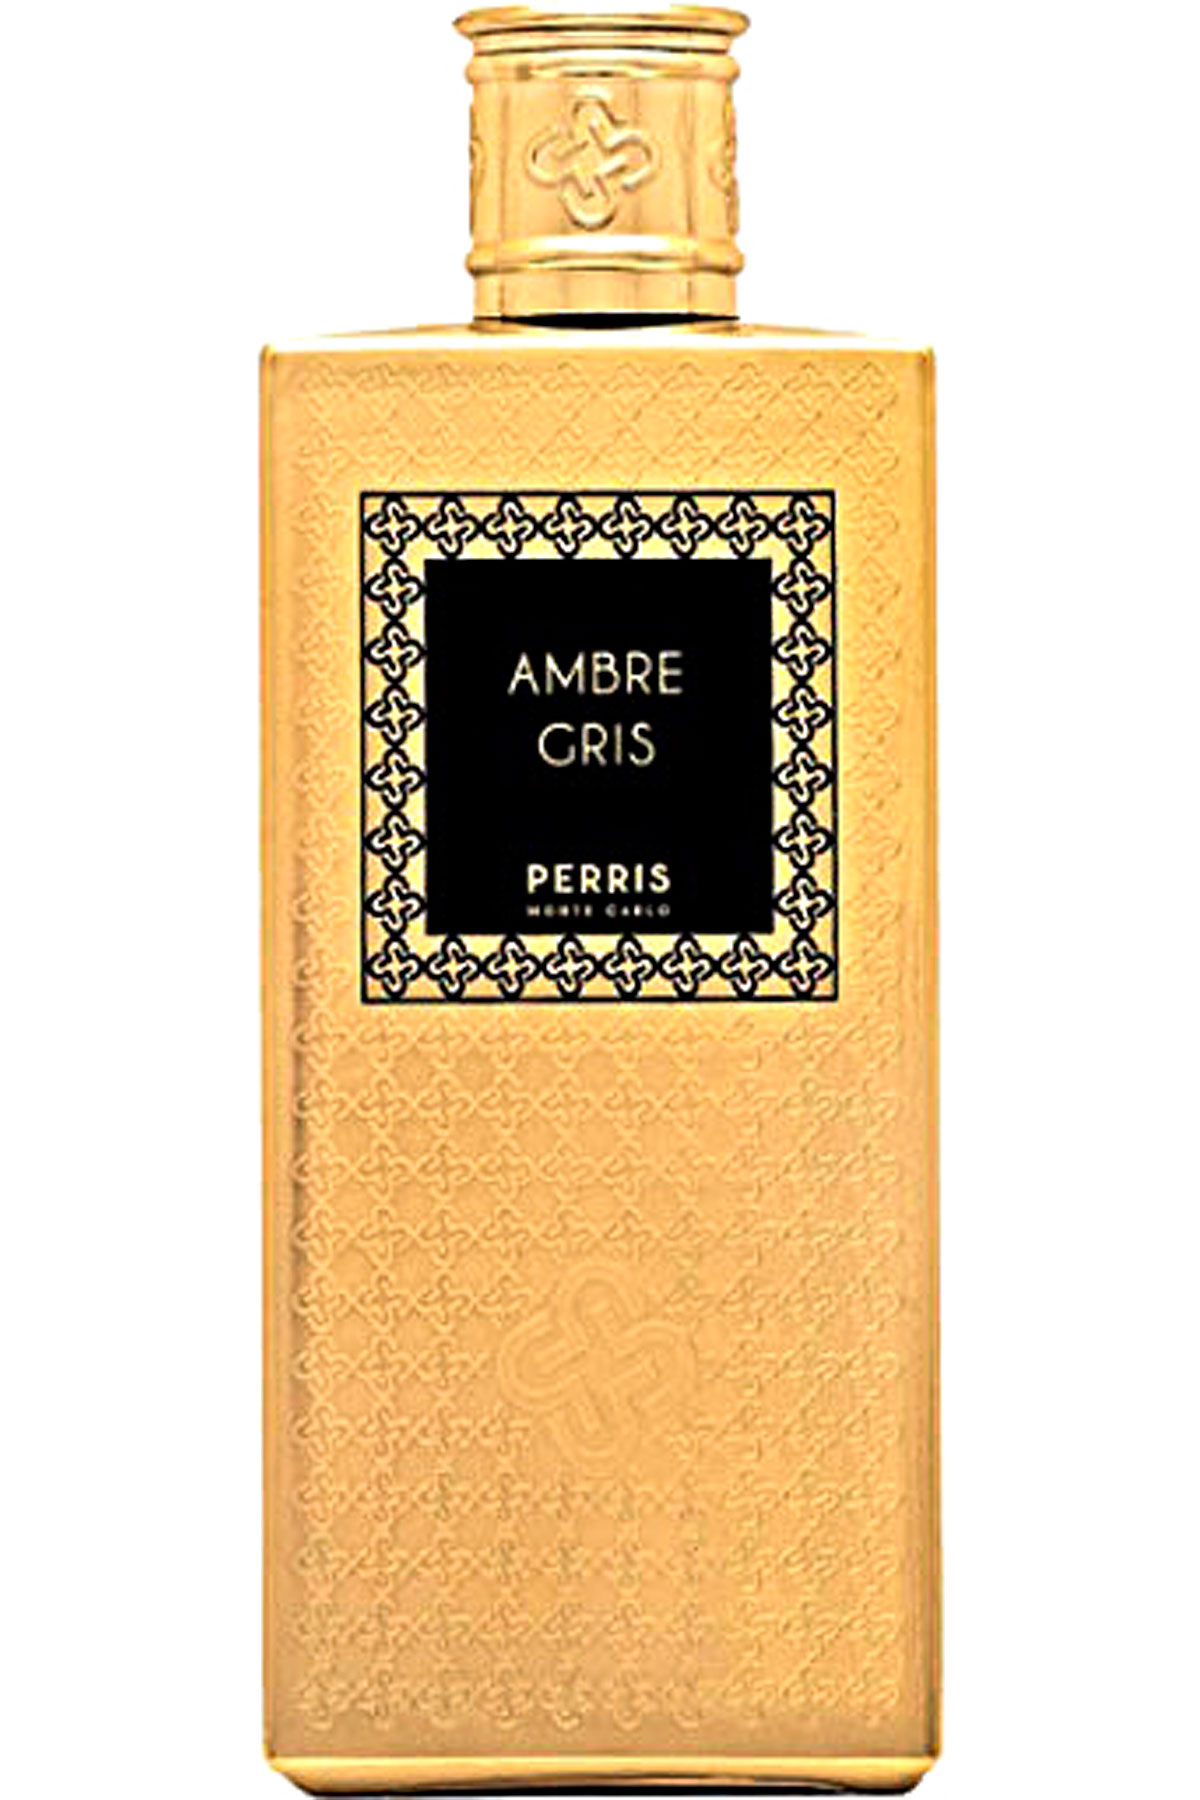 Perris Monte Carlo Fragrances for Men, Ambre Gris - Eau De Parfum - 100 Ml, 2019, 100 ml